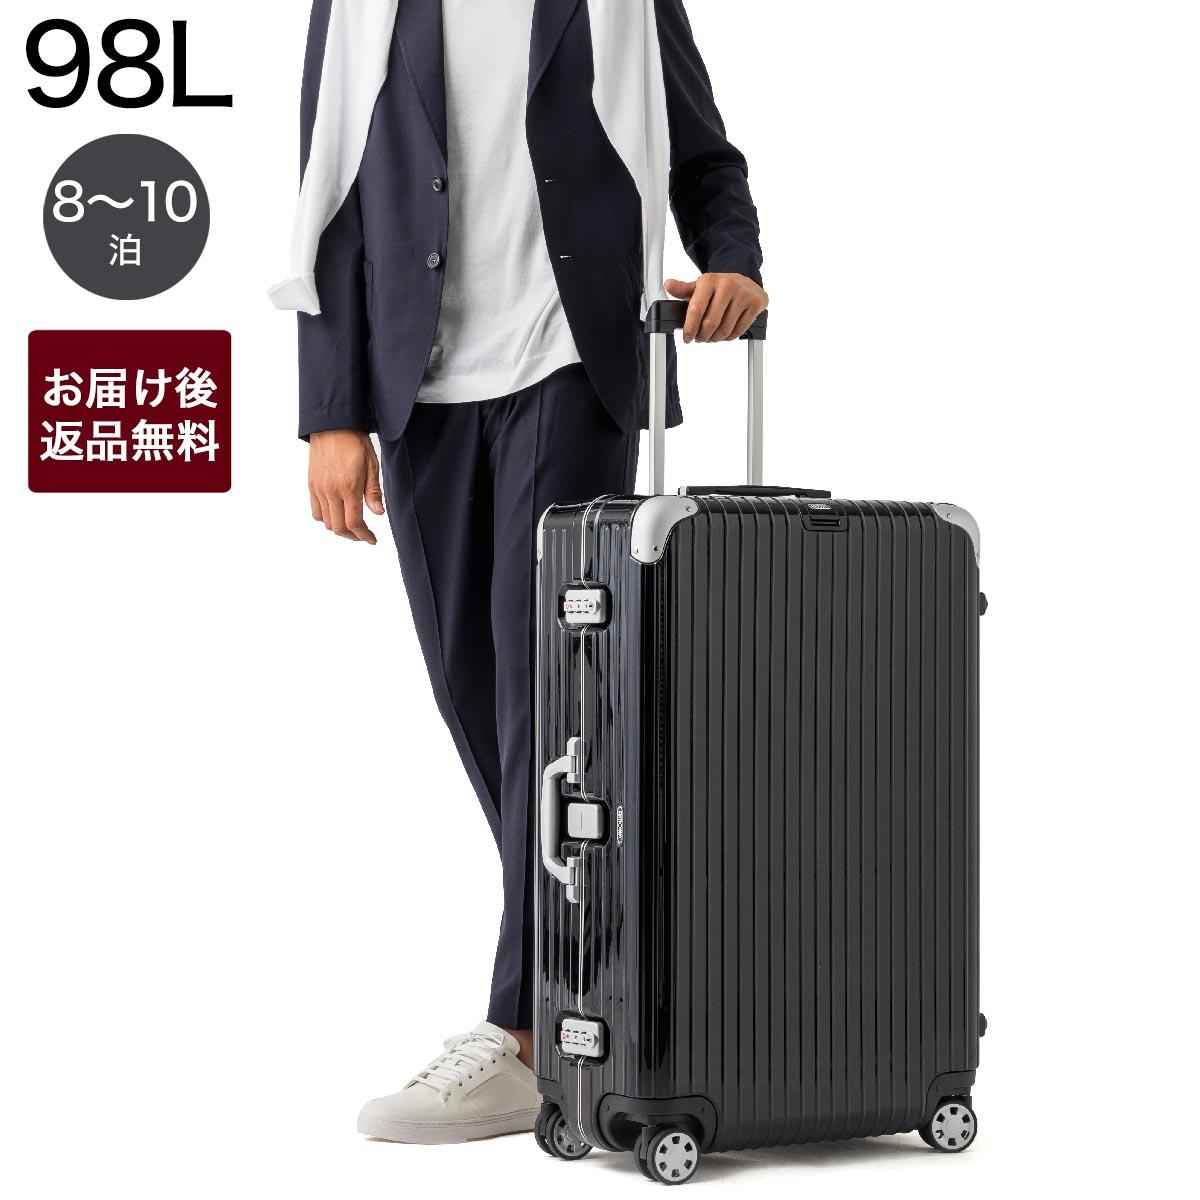 リモワ RIMOWA スーツケース ブラック メンズ レディース 881.77.50.4.0.1 LIMBO CABIN 77 MULTIWHEEL 98L リンボ キャビン【_関東】【返品送料無料】